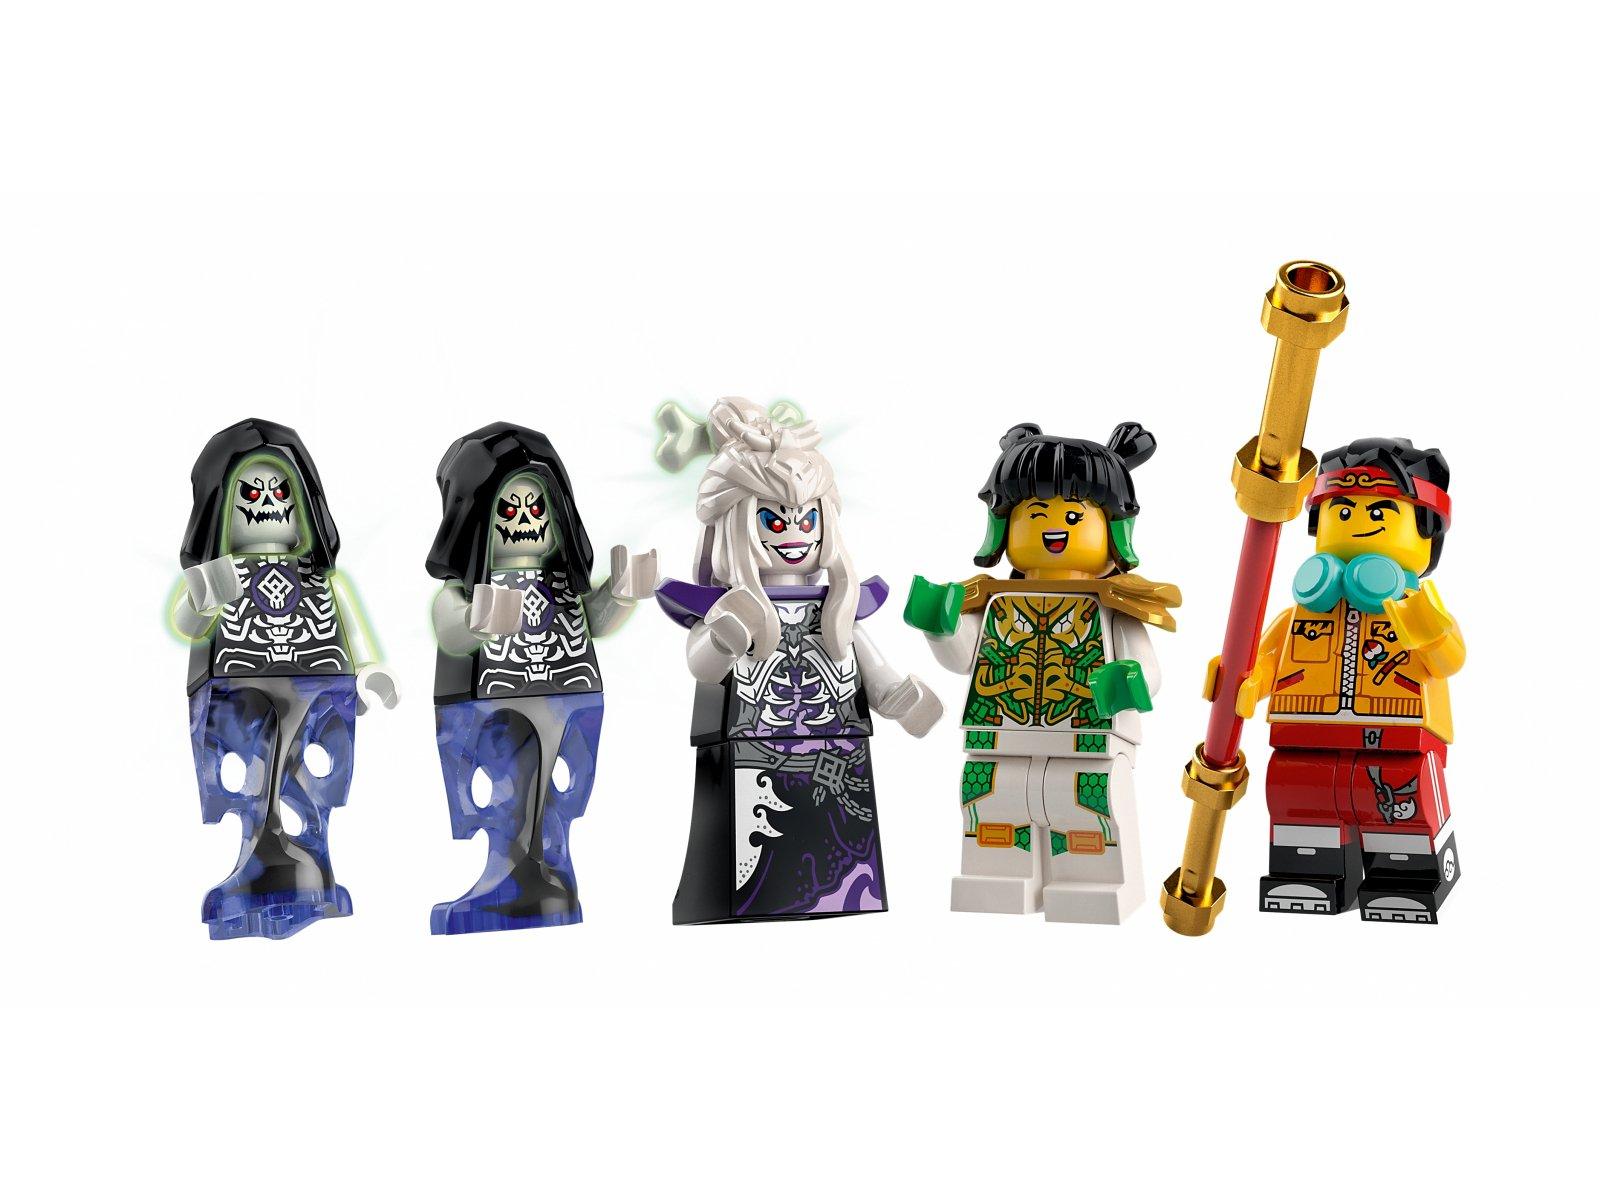 LEGO 80028 Monkie Kid Kościana demonica